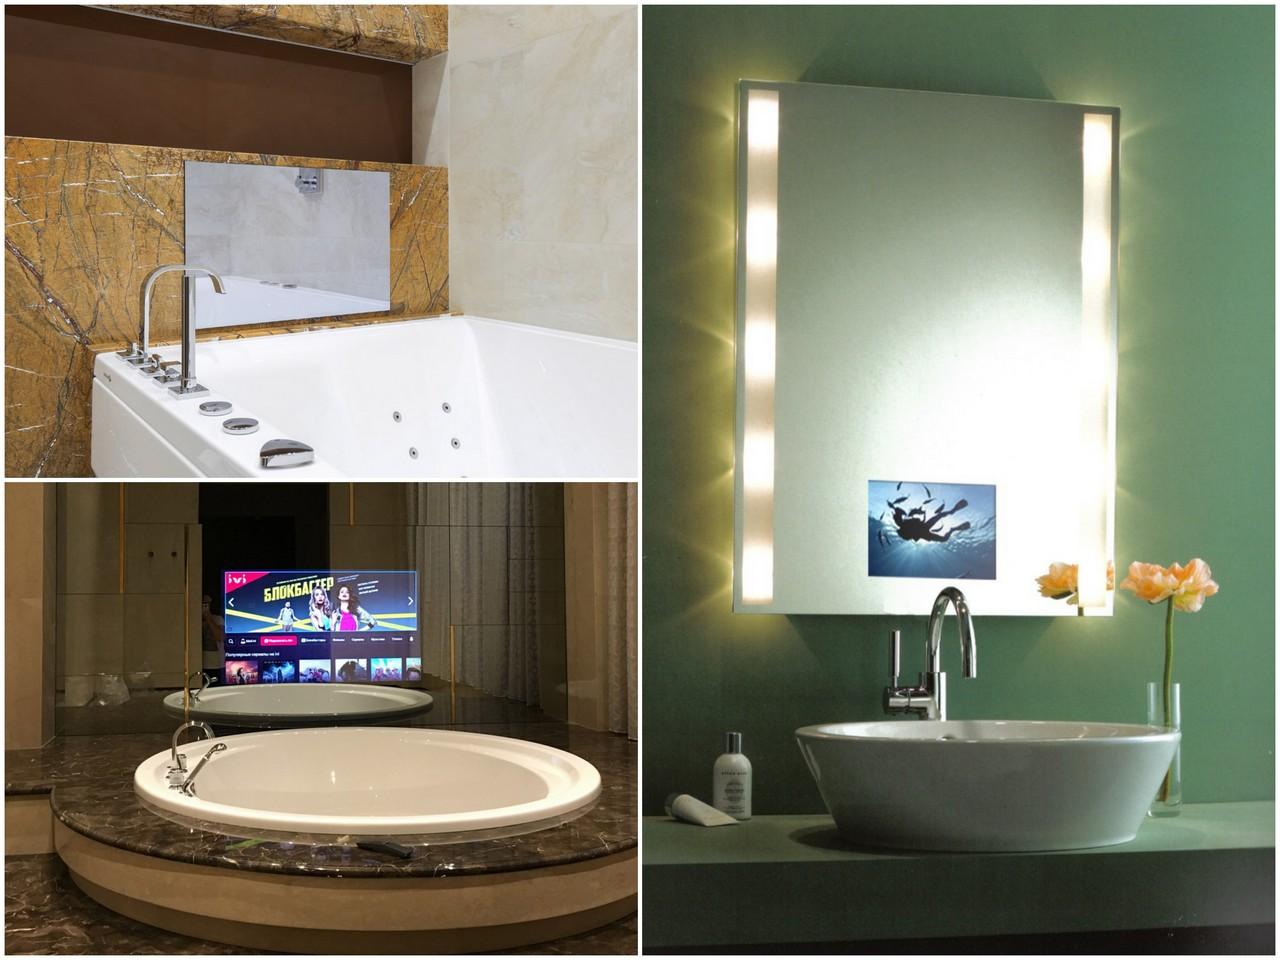 выбрать встраиваемый телевизор для ванной